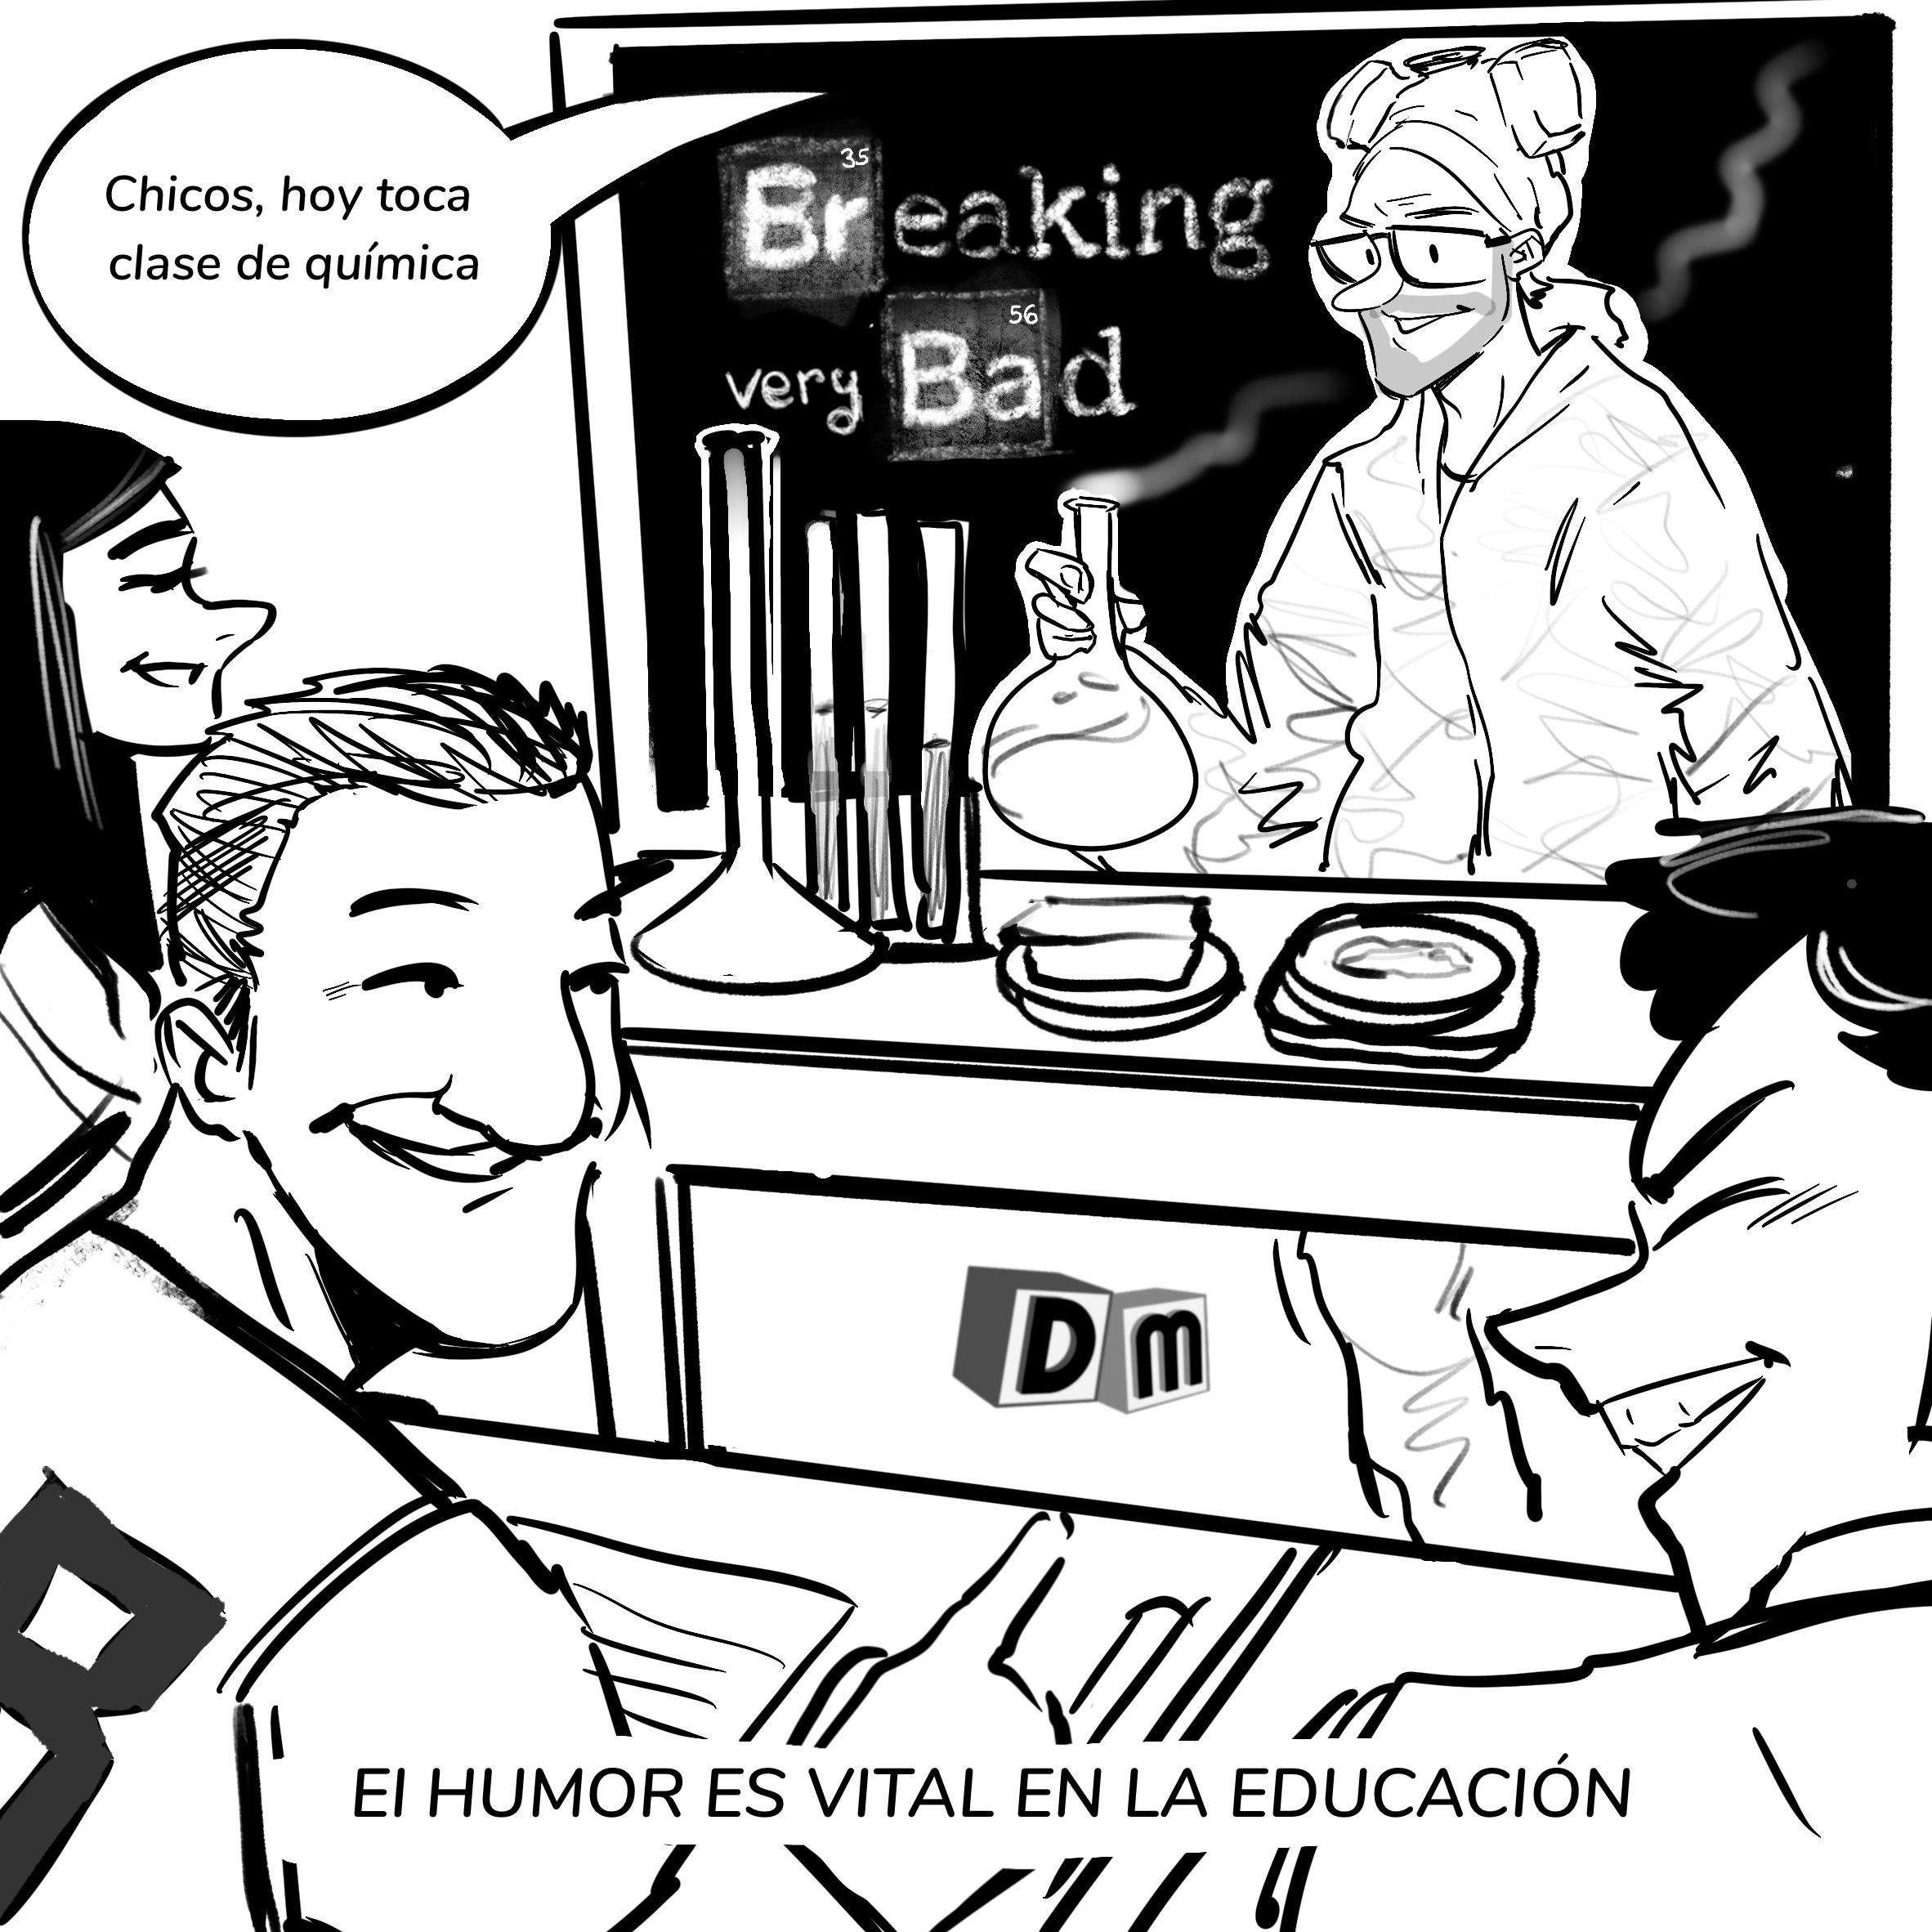 David Mora_Viñeta 4_El humor es vital en la educación